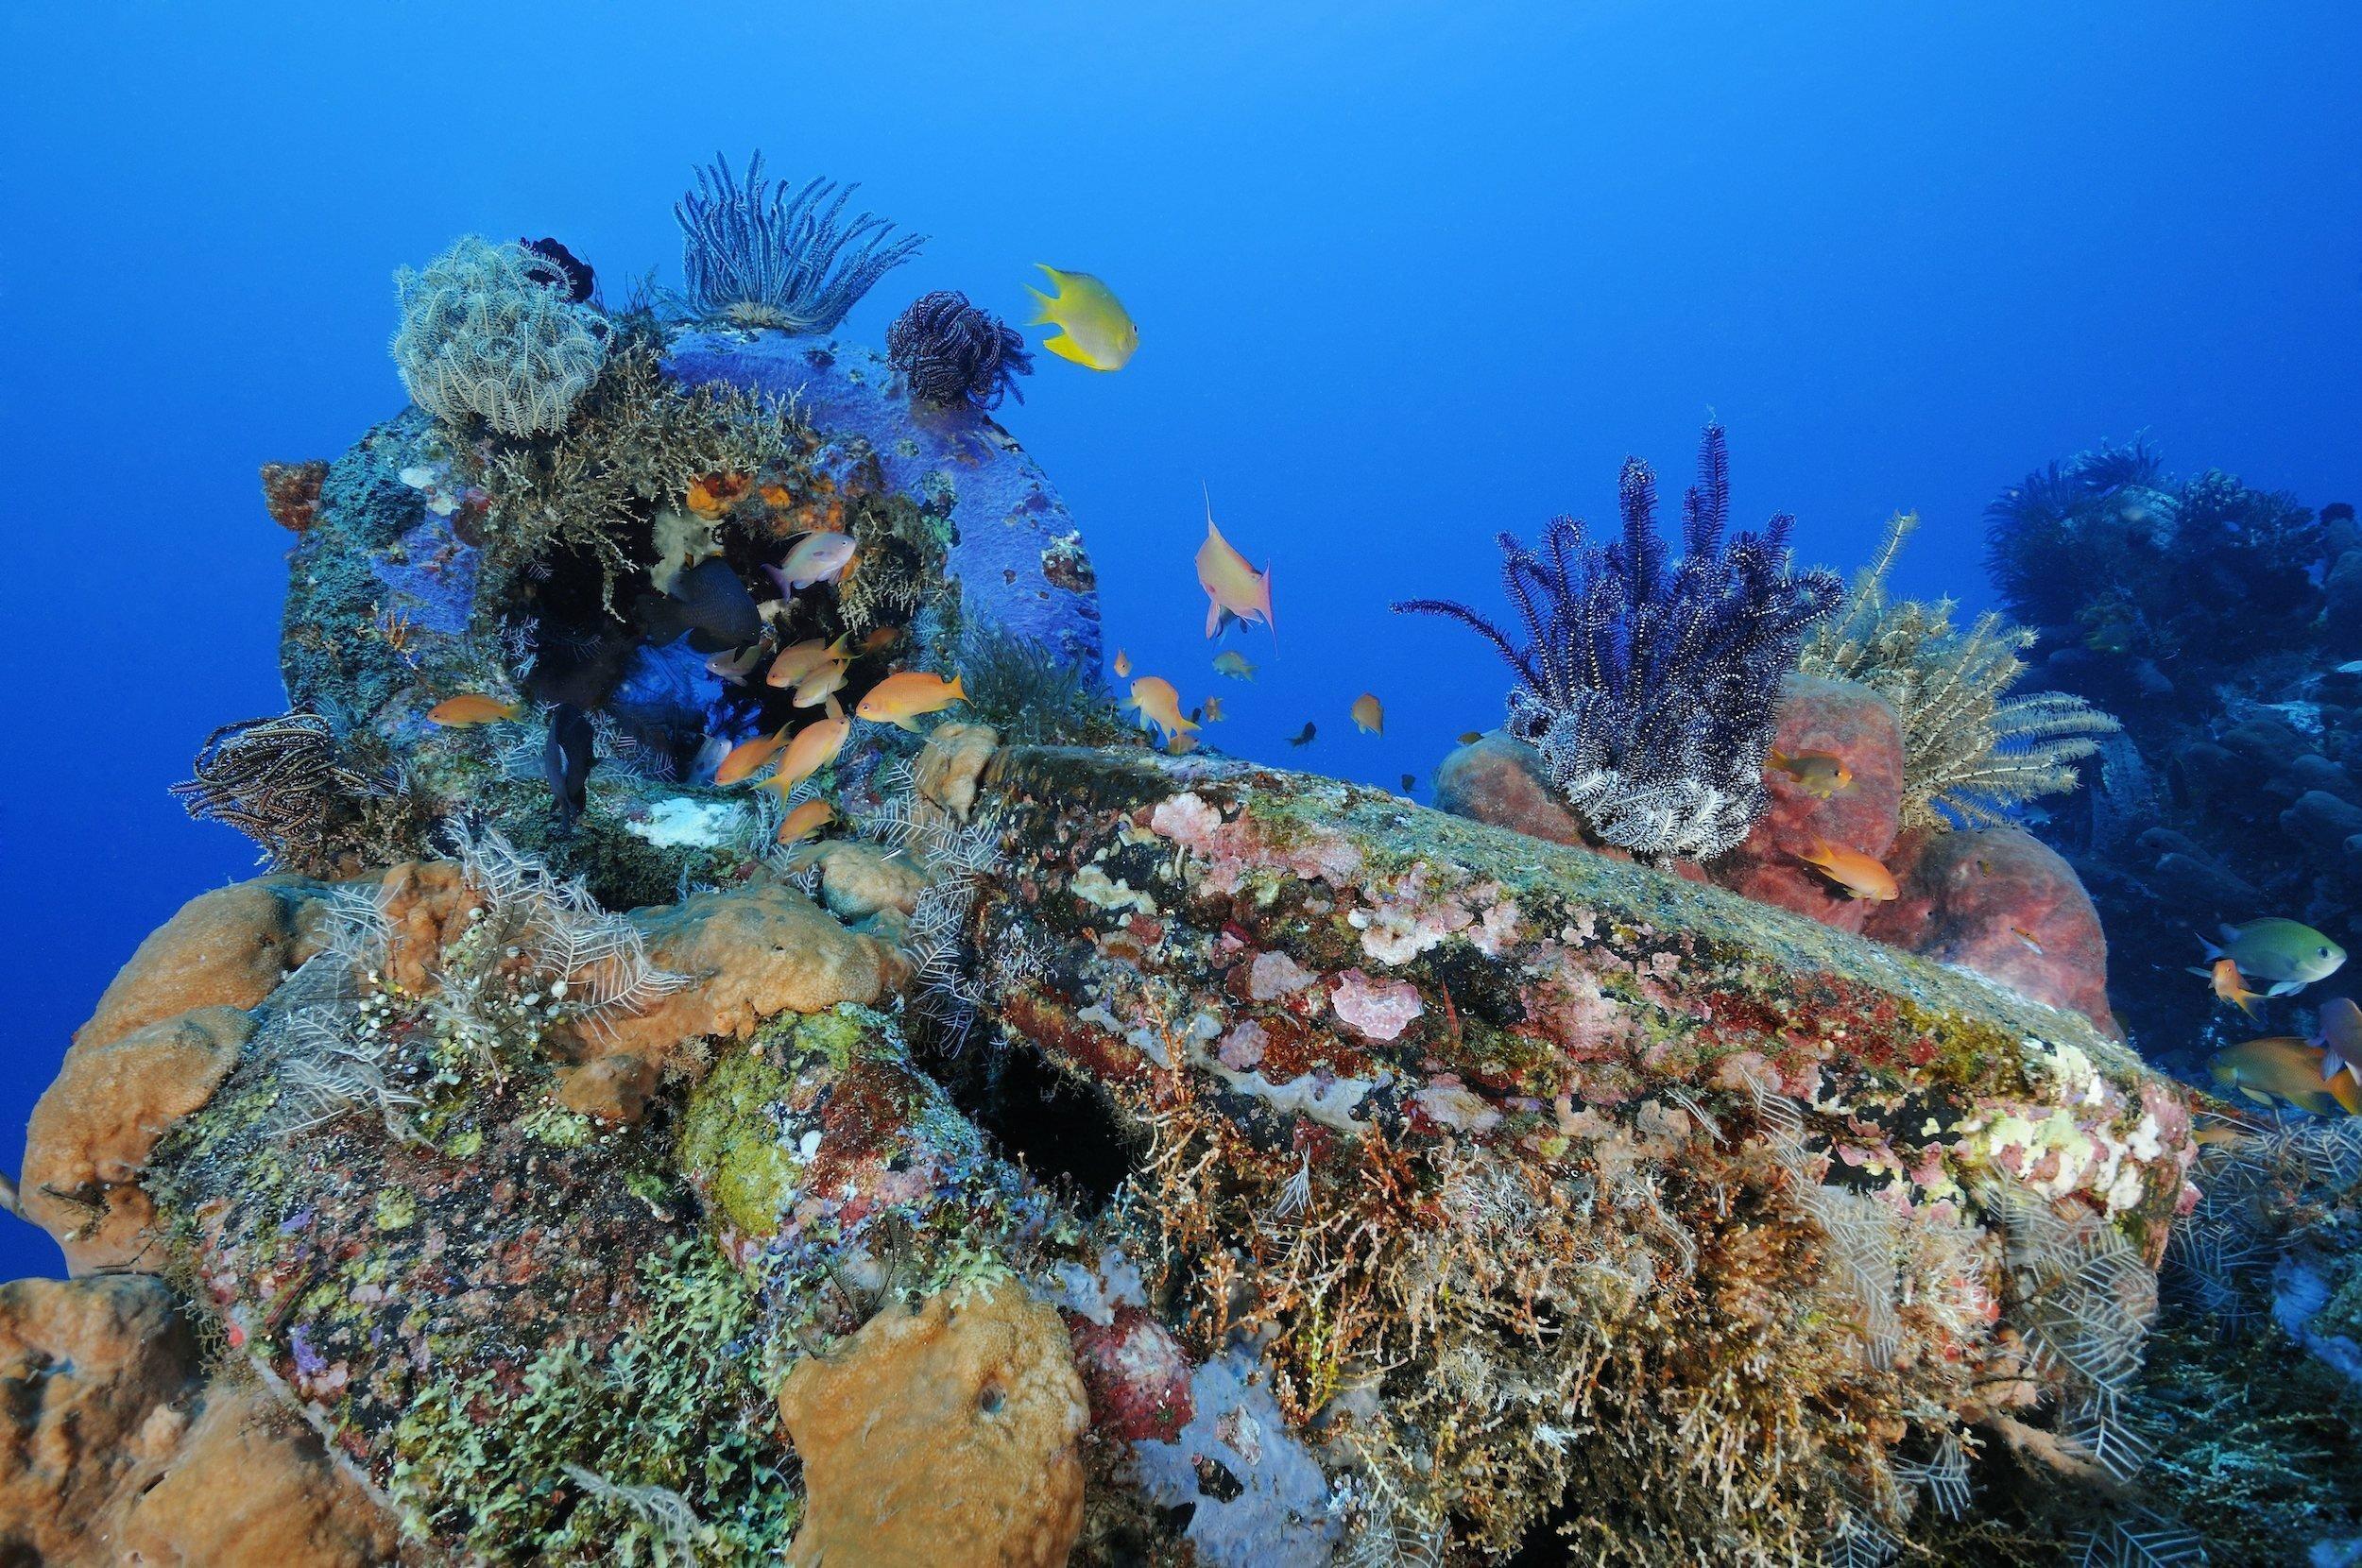 Fische, Korallen und andere bunte Tiere und Pflanzen haben ein künstliches Riff aus alten Autoreifen auf Bali, Indonesien, bewachsen. Die Reifen sind nur noch schemenhaft zu erkennen.